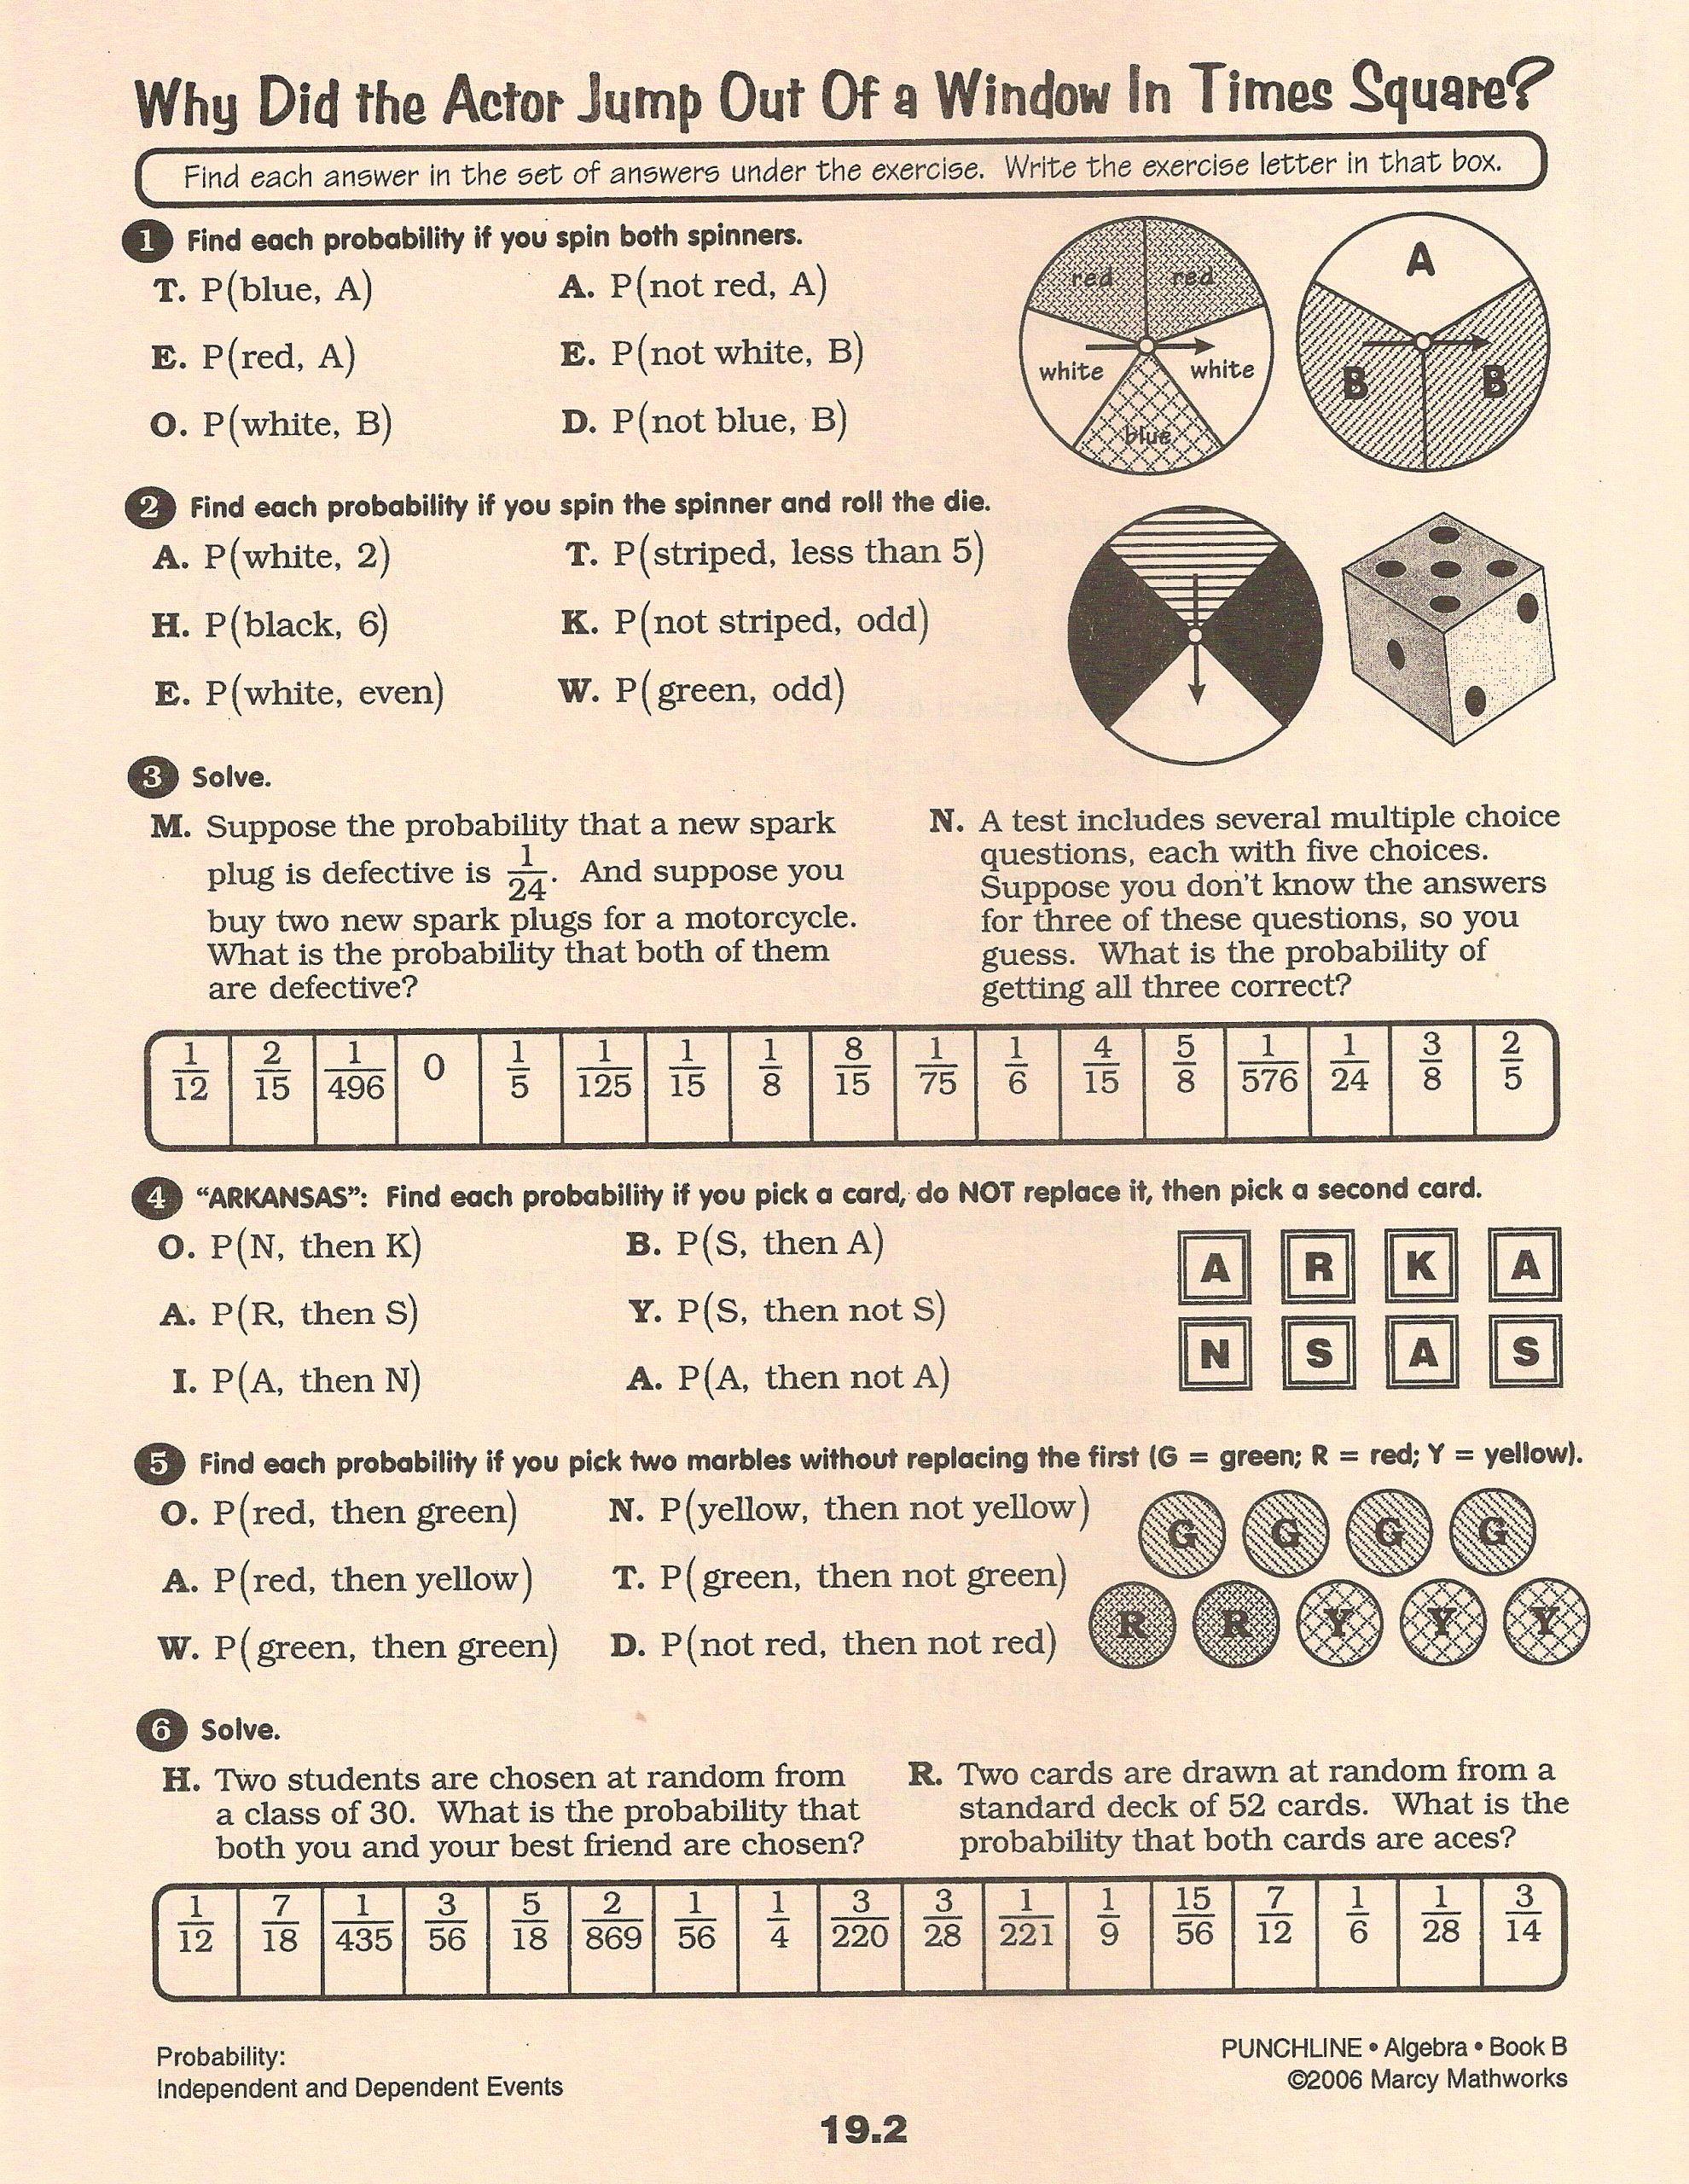 Probability Worksheets High School Pdf Fresh 20 Probability Worksheets High School Pdf